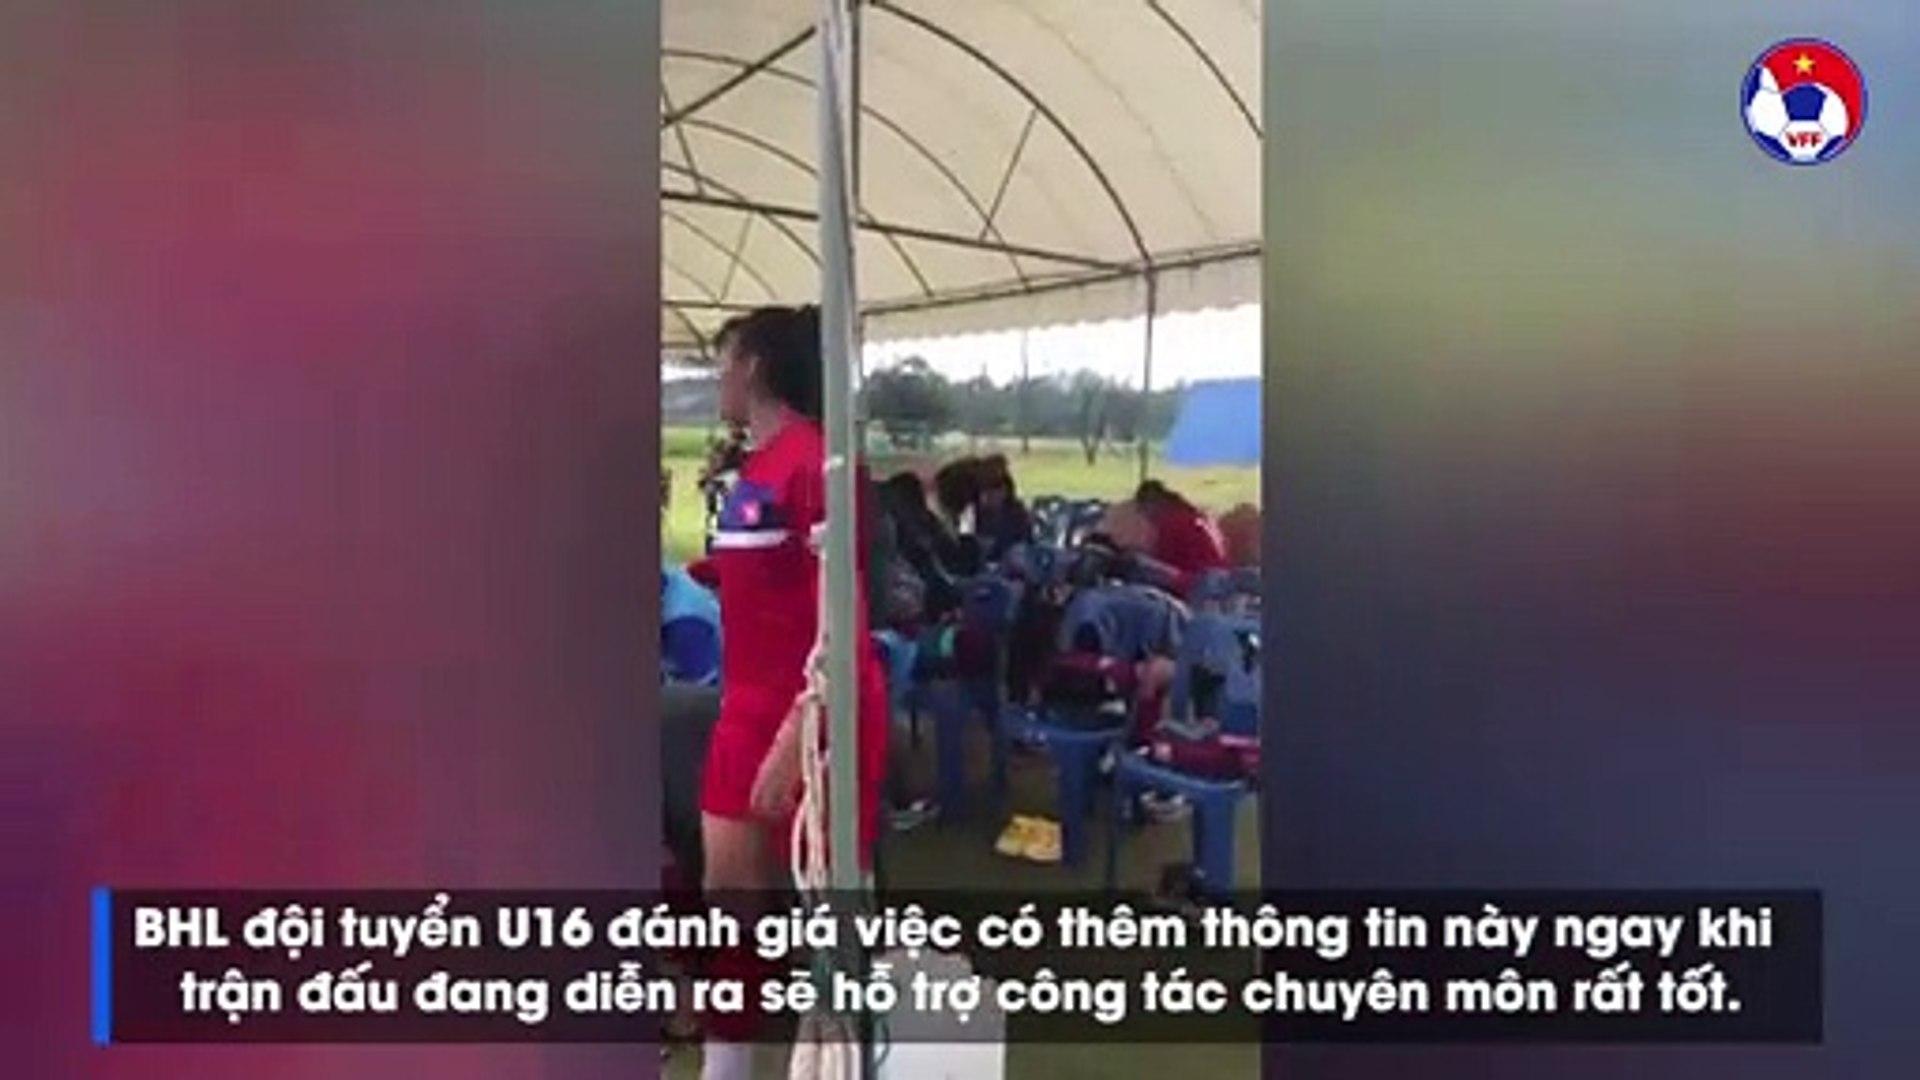 U16 Việt Nam quyết tâm trước trận gặp CHDCND Triều Tiên tại VCK U16 nữ châu Á 2019 | VFF Channel